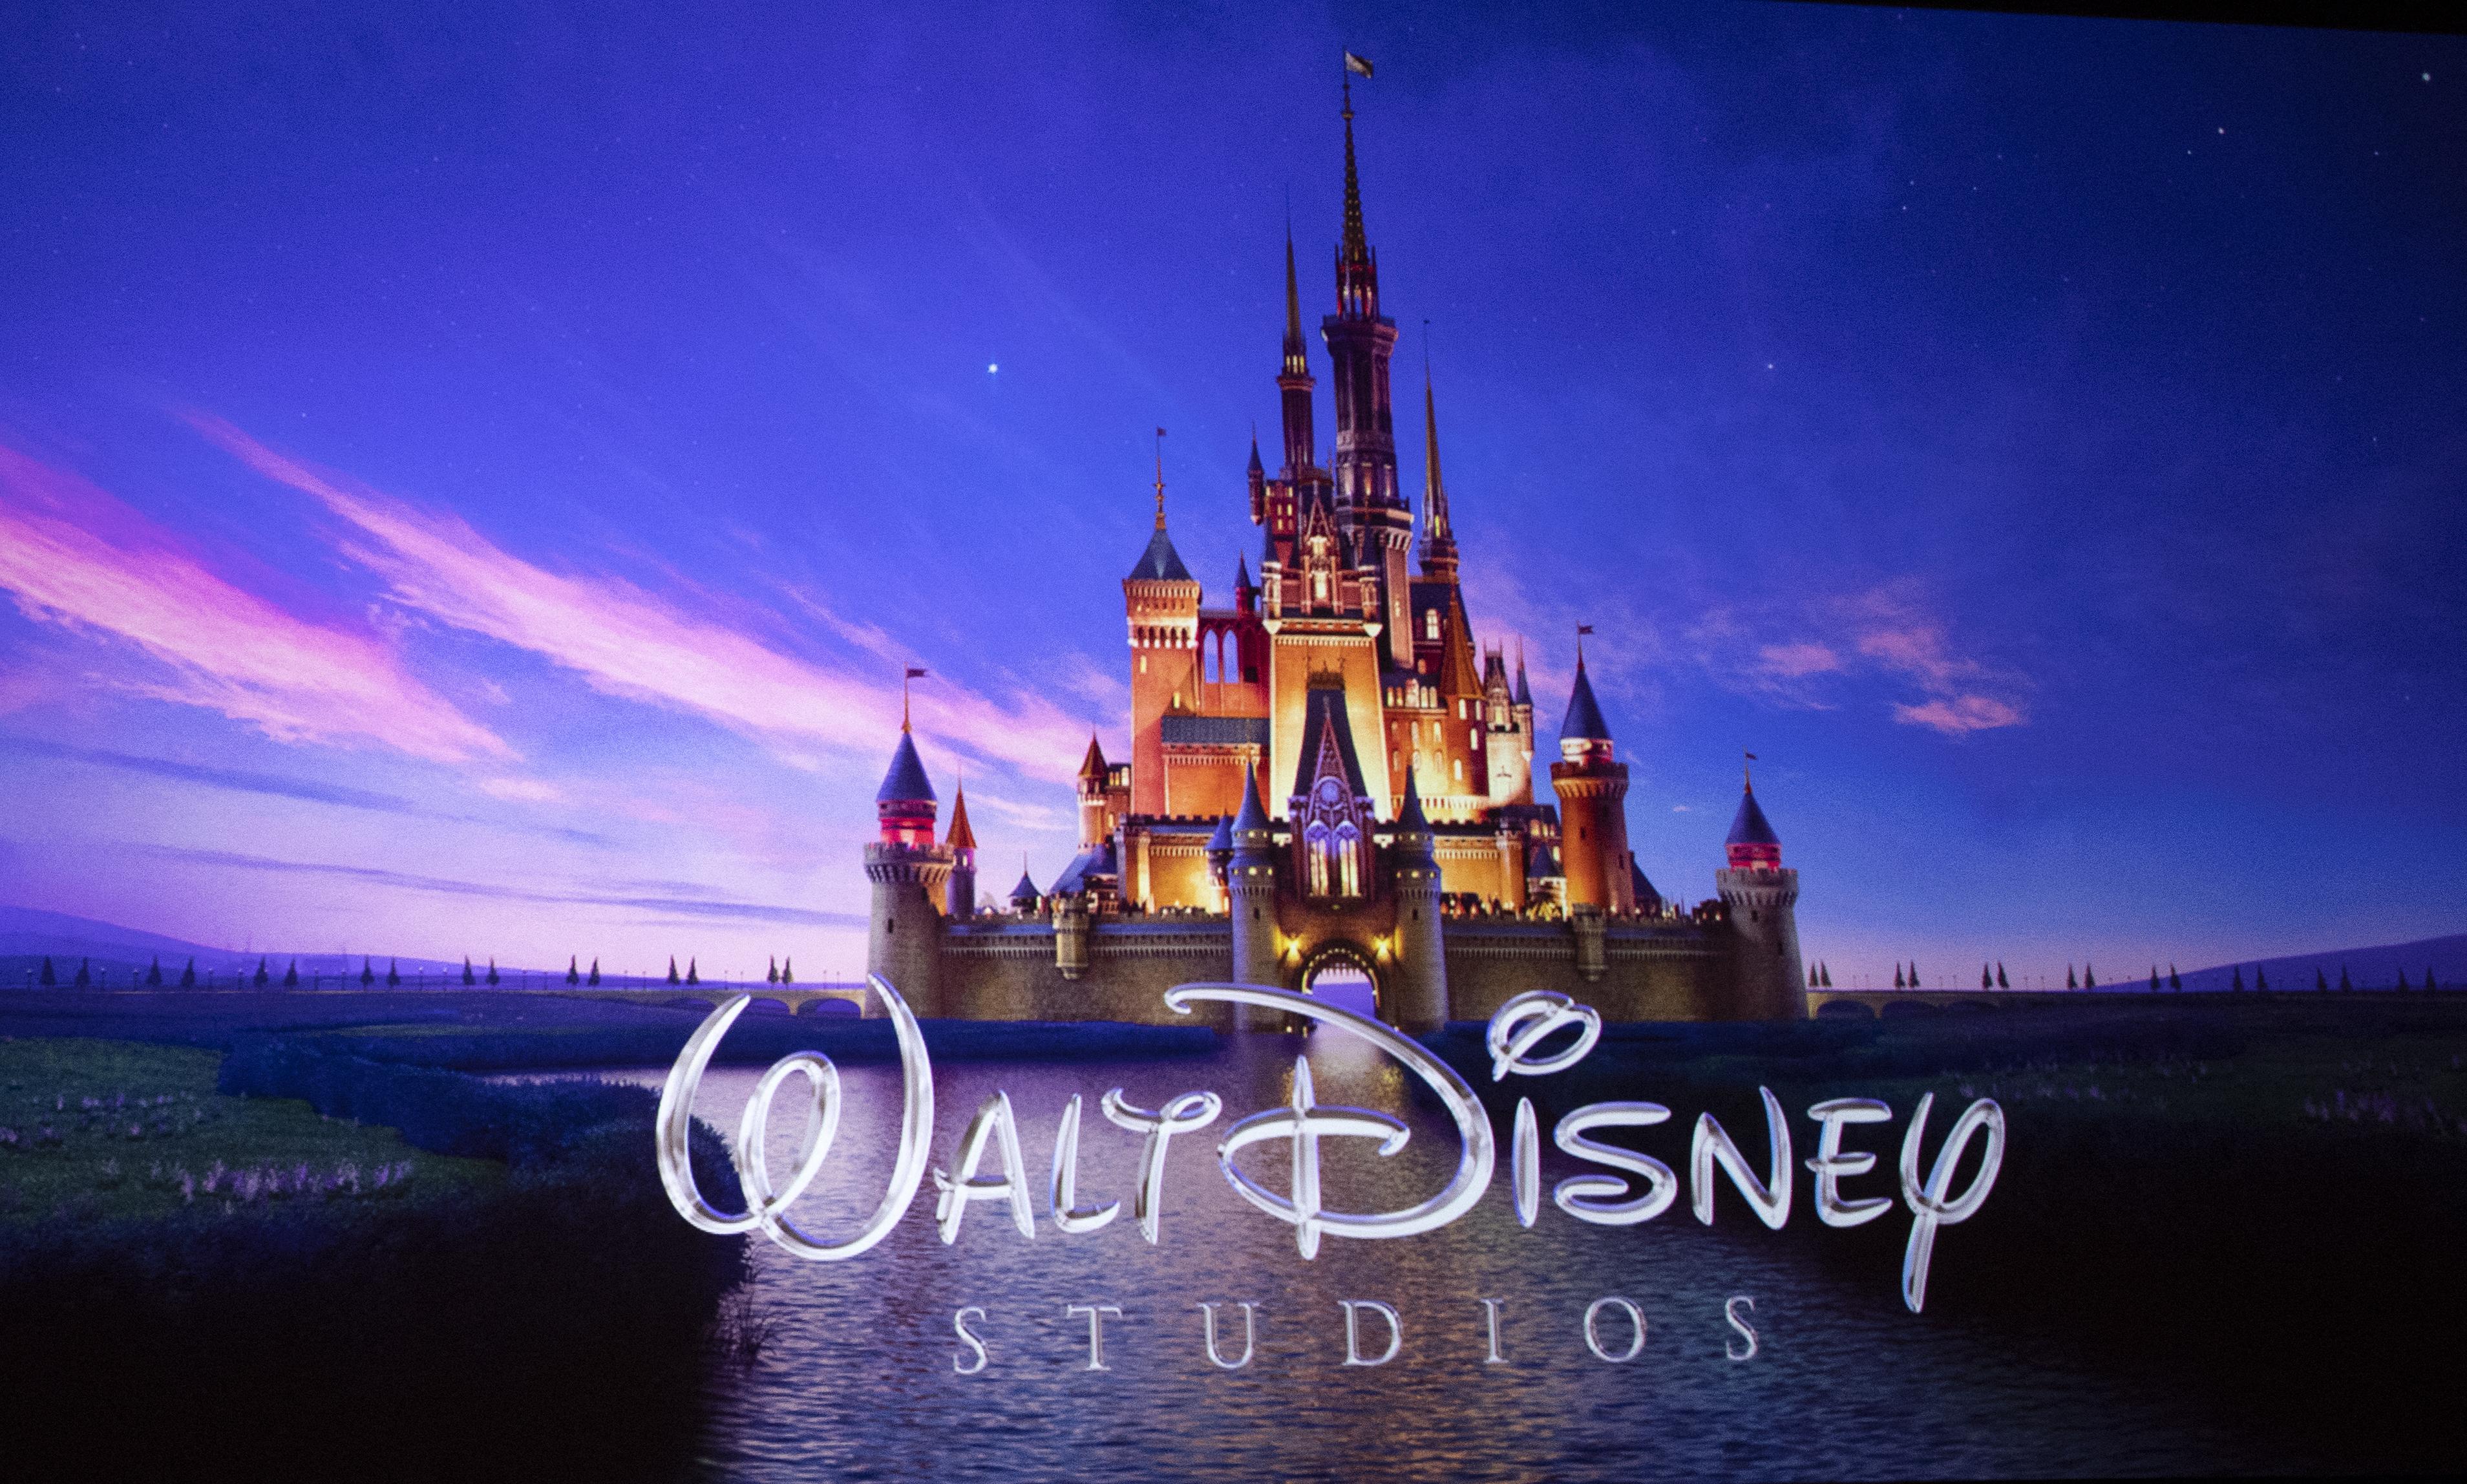 Hírek 2021-ben: a Walt Disney úgy döntött, új filmjeit a mozikban mutatja be